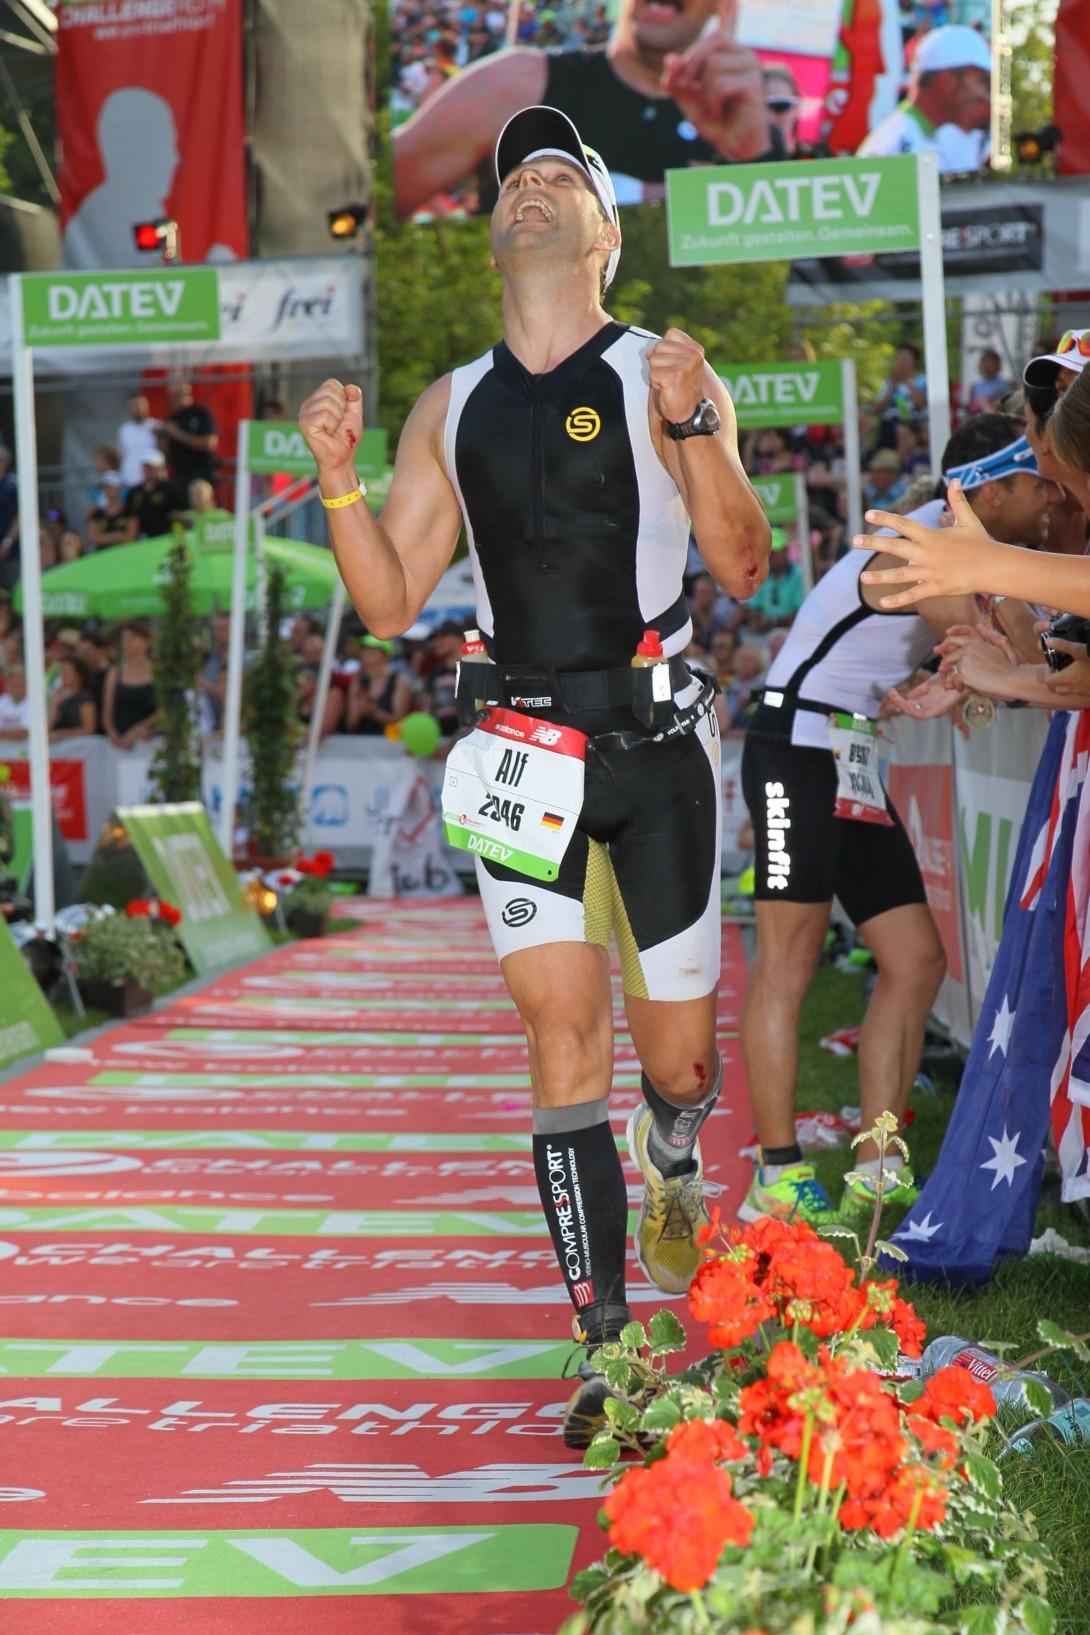 Alf Müller – trotz Radsturz neue Bestzeit aufgestellt